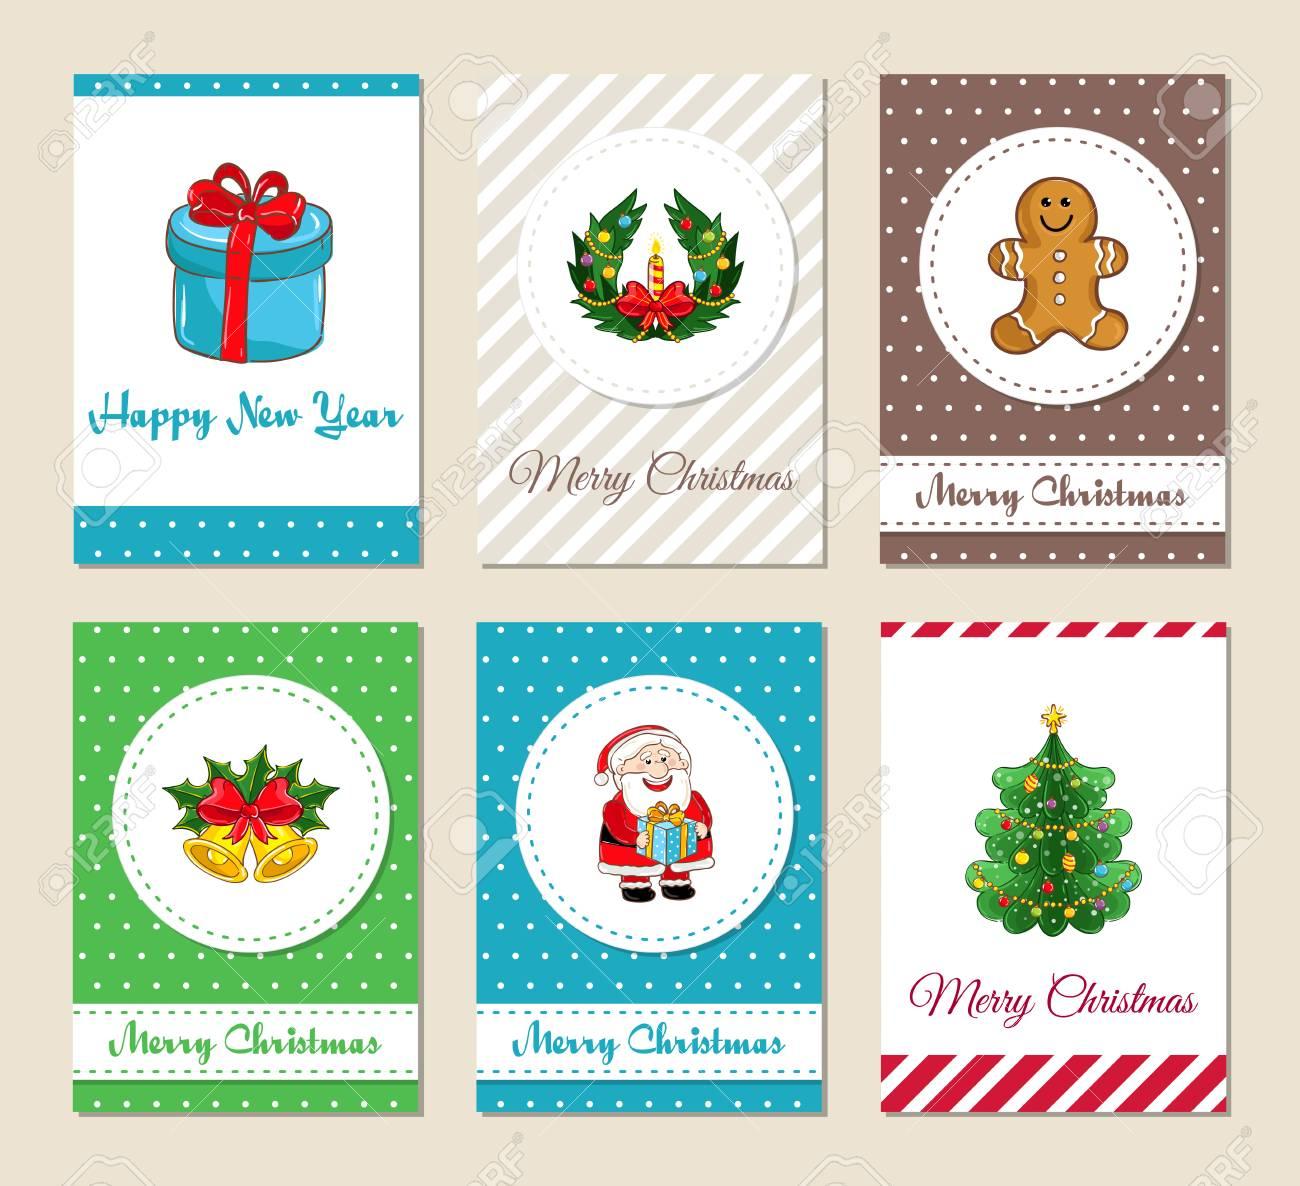 Tarjetas De Felicitación De Navidad E Invitaciones De Fiesta De Navidad Coloridos Conceptos De Feliz Navidad Y Feliz Año Nuevo Con Santa Regalo